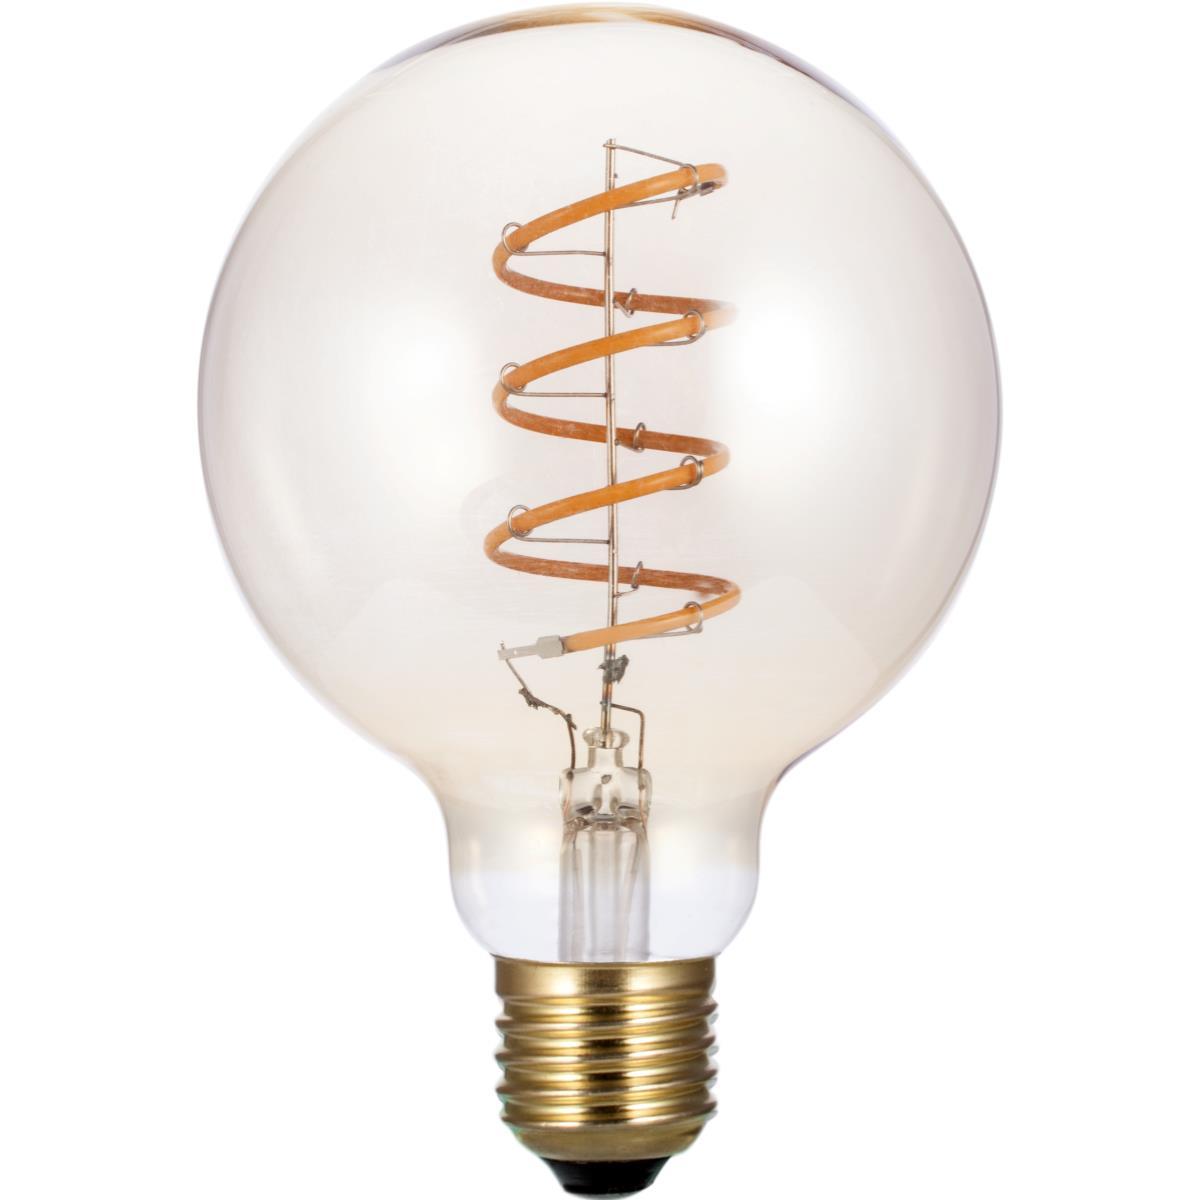 Lyspære, LED, dimmbar